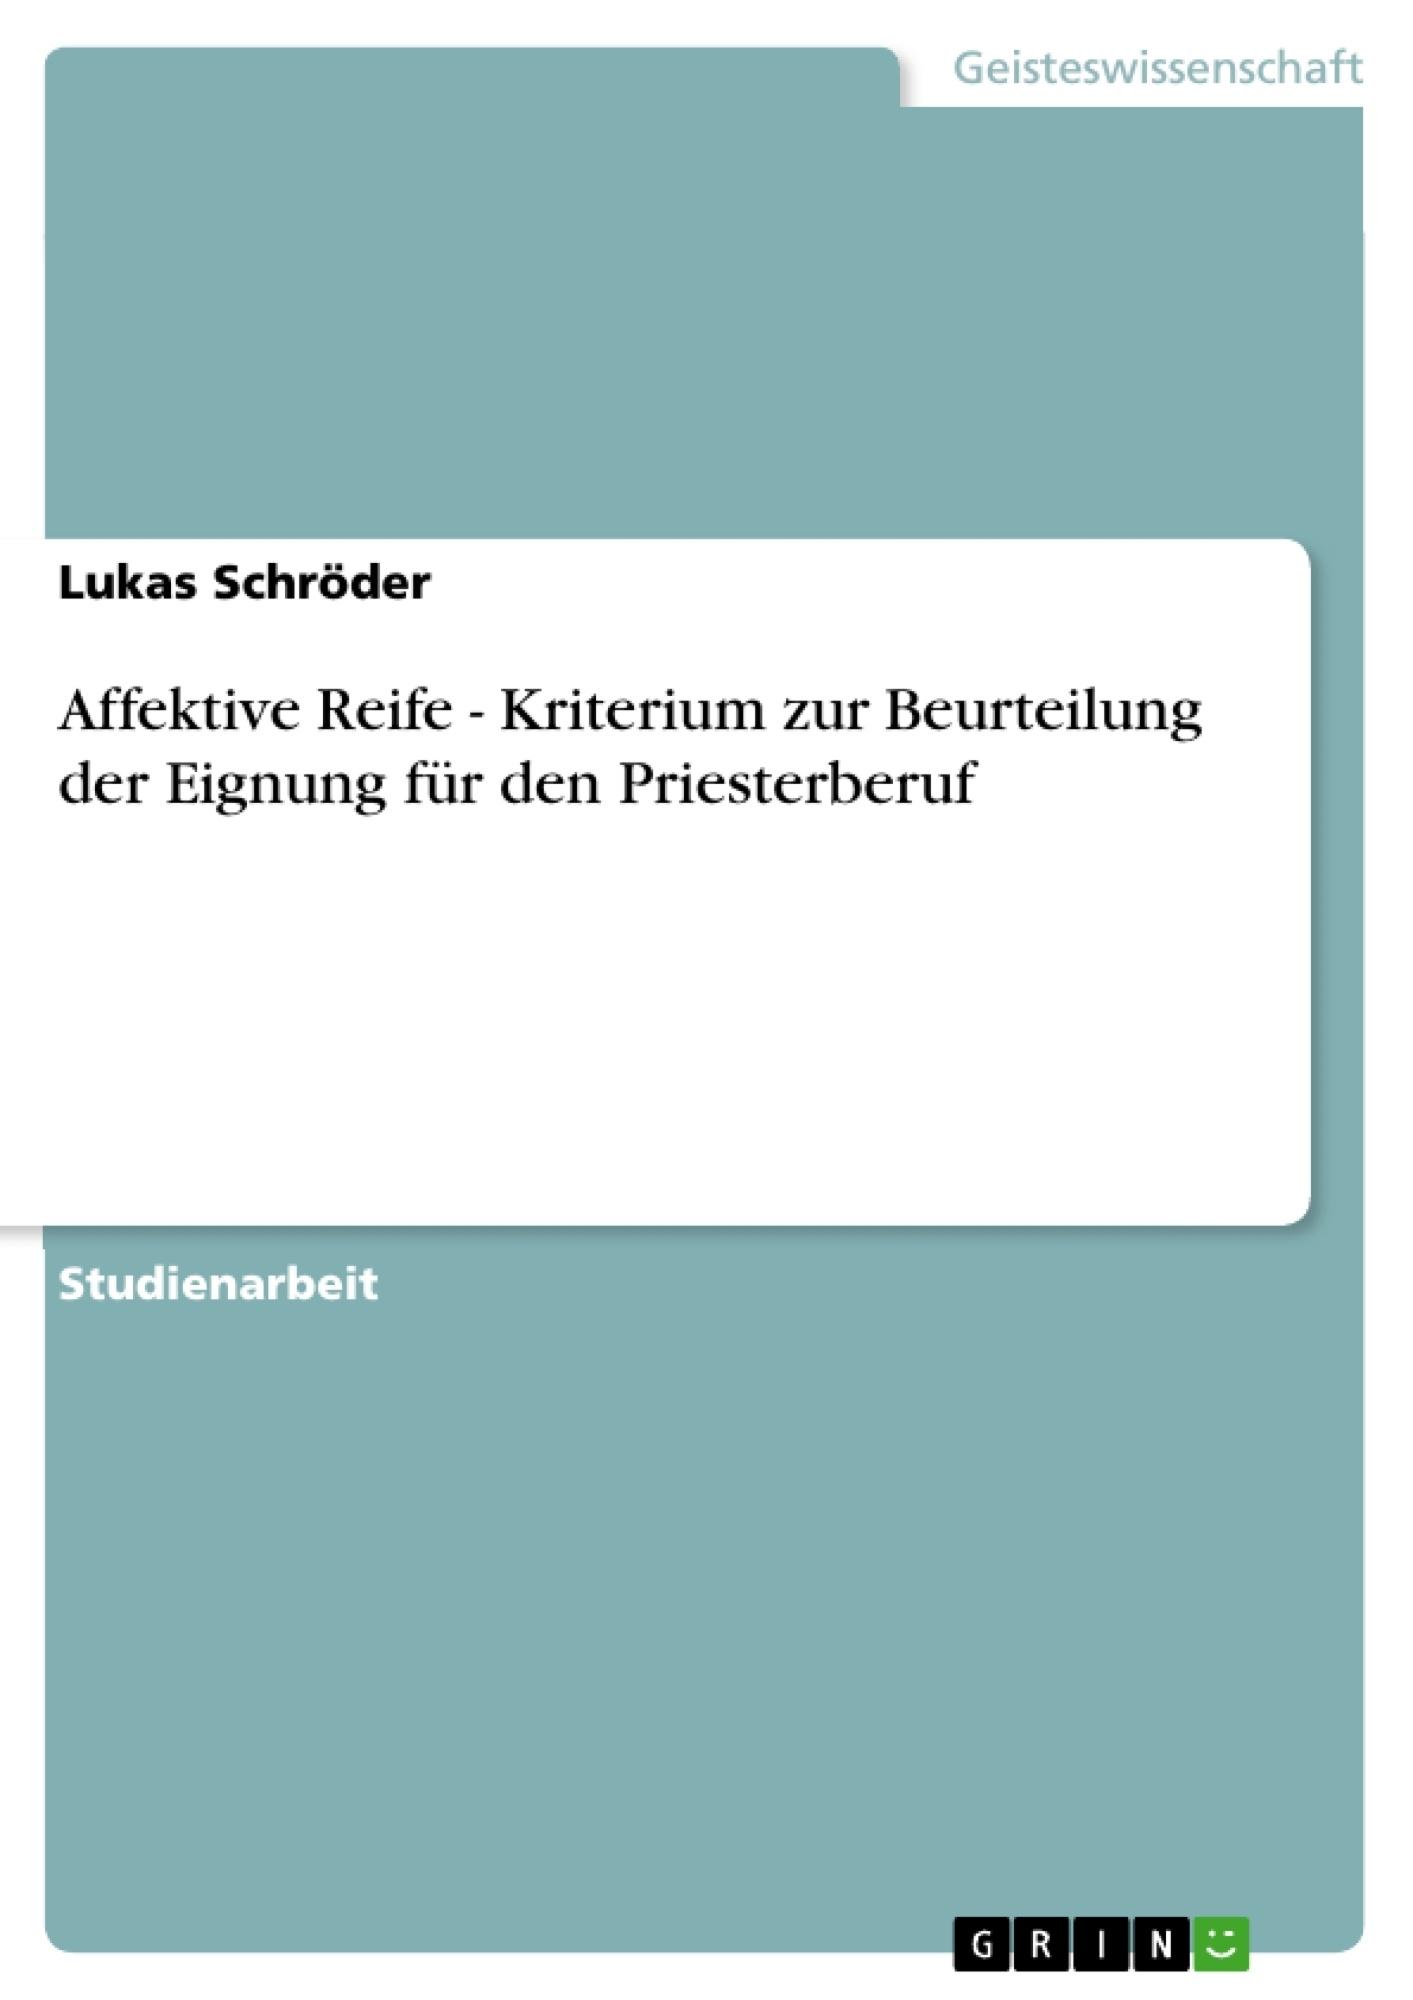 Titel: Affektive Reife - Kriterium zur Beurteilung der Eignung für den Priesterberuf